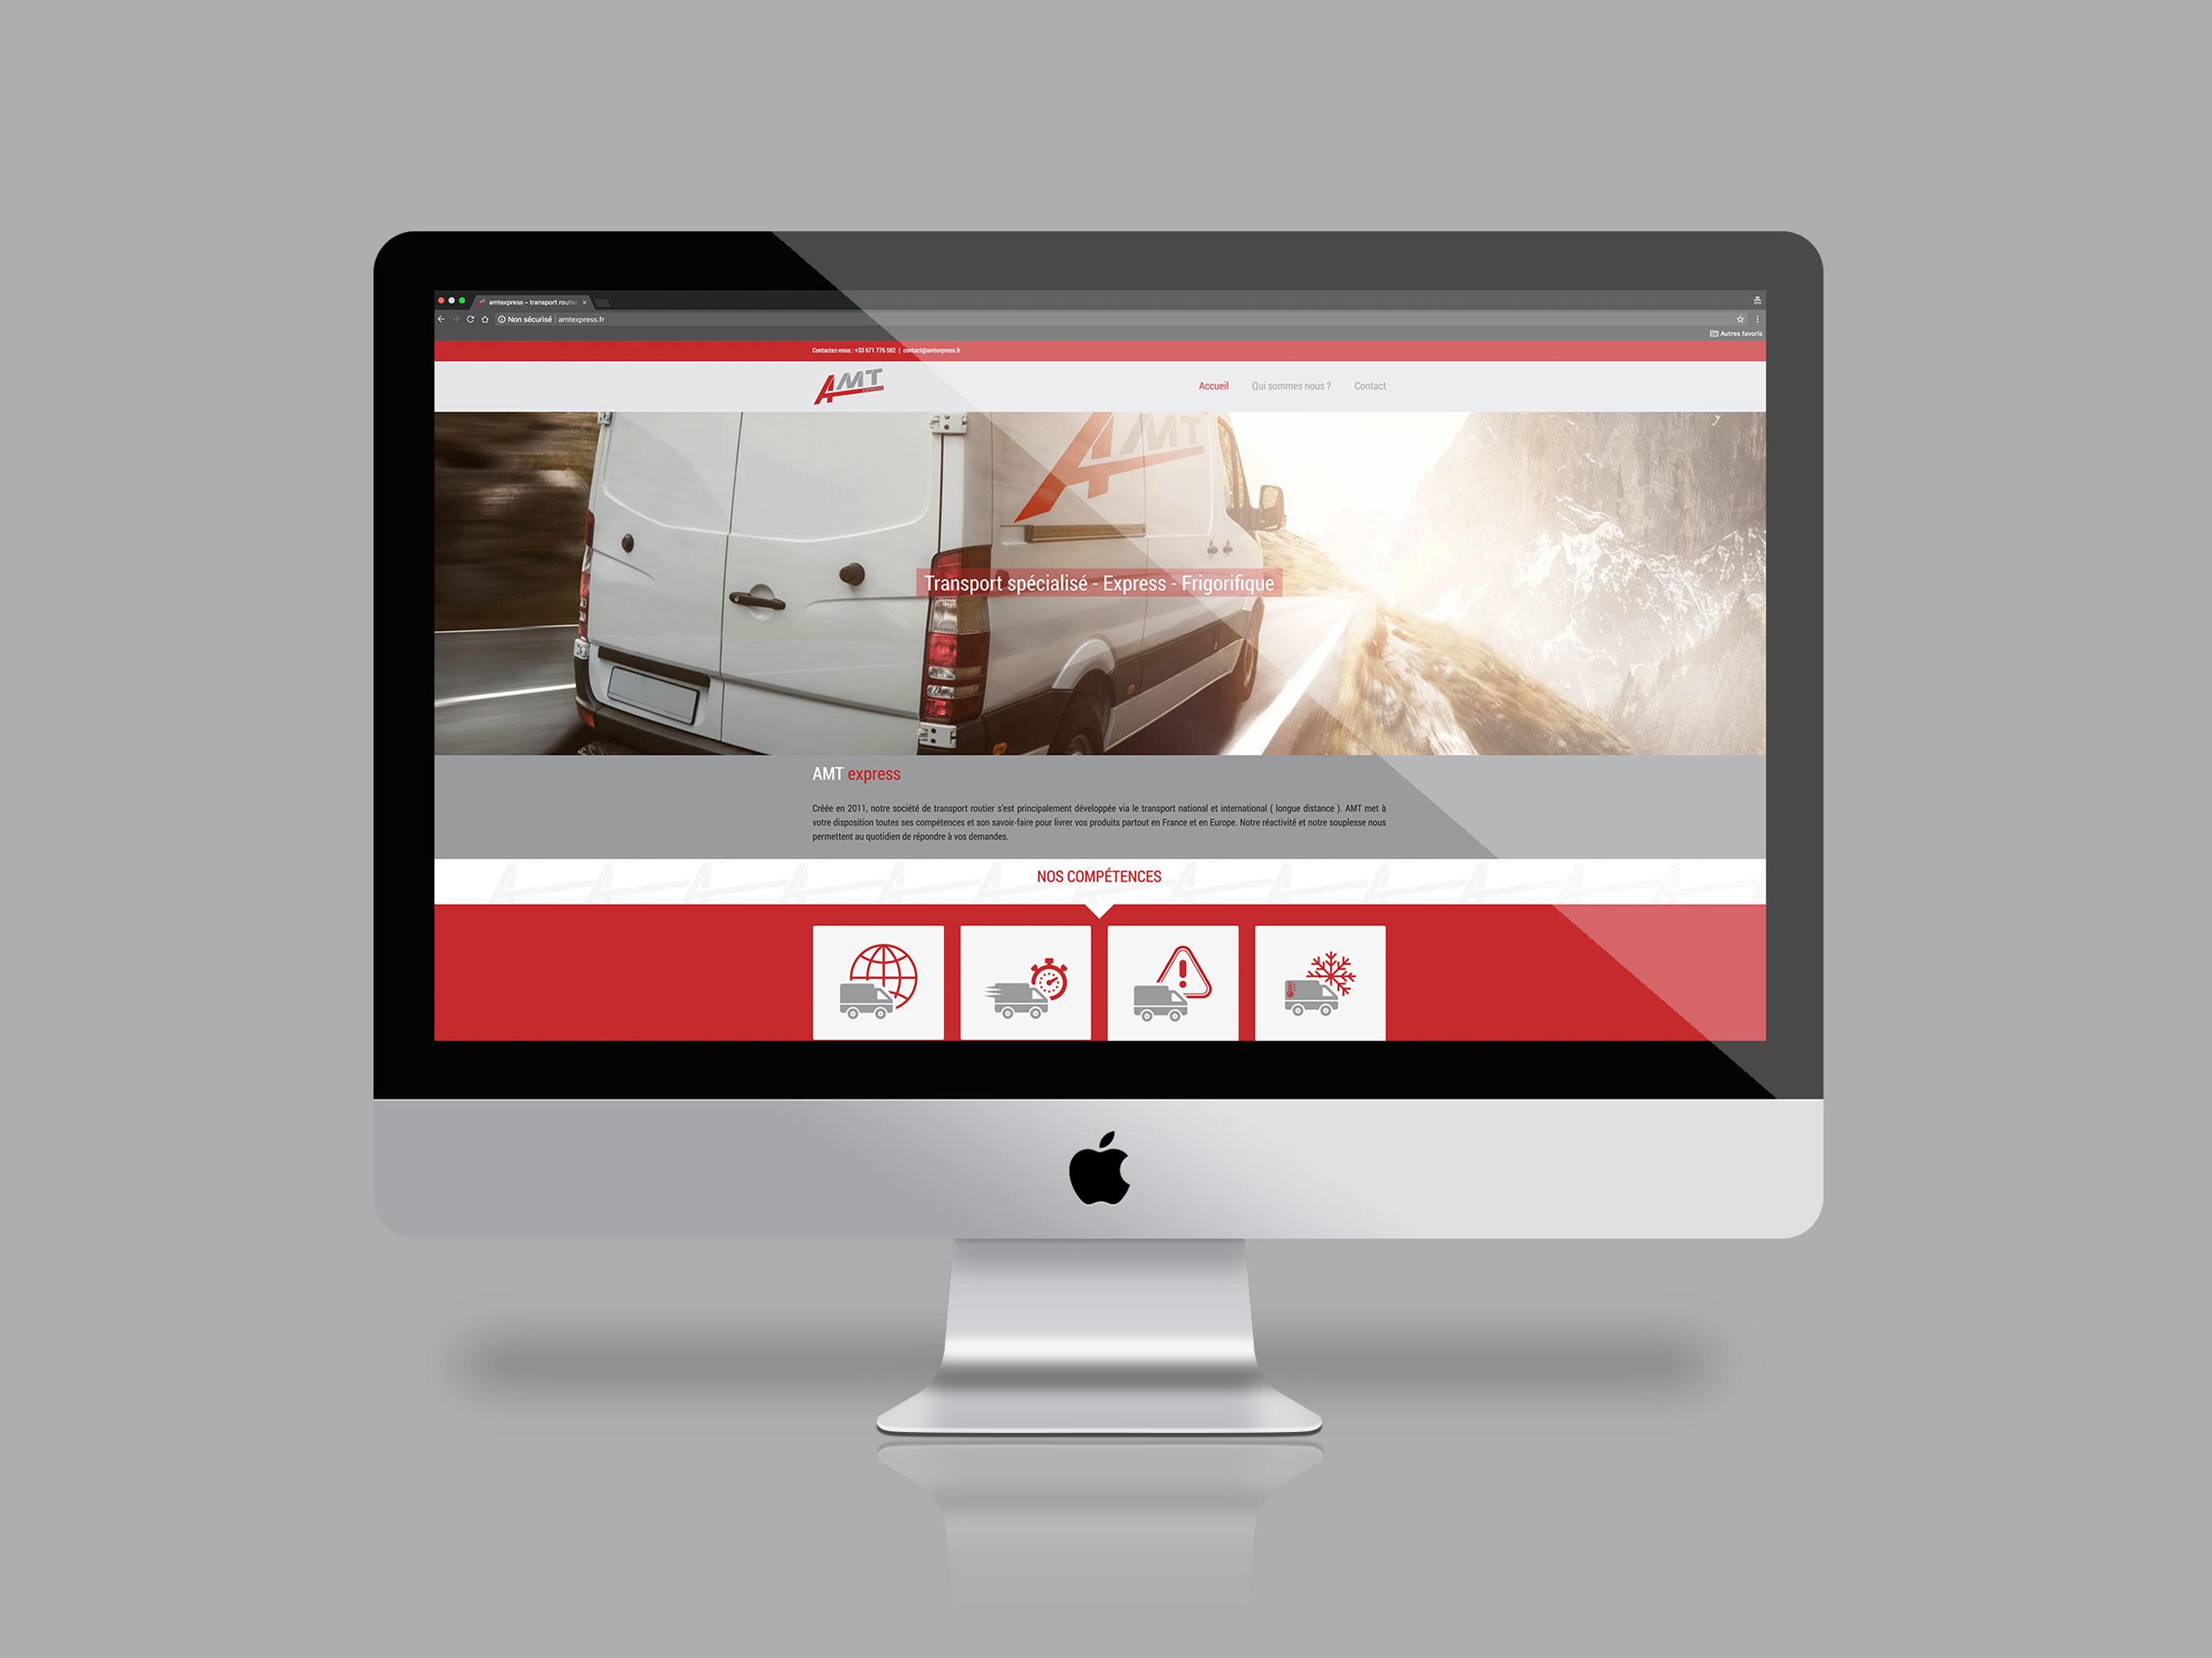 Conception site responsive design pour AMT express